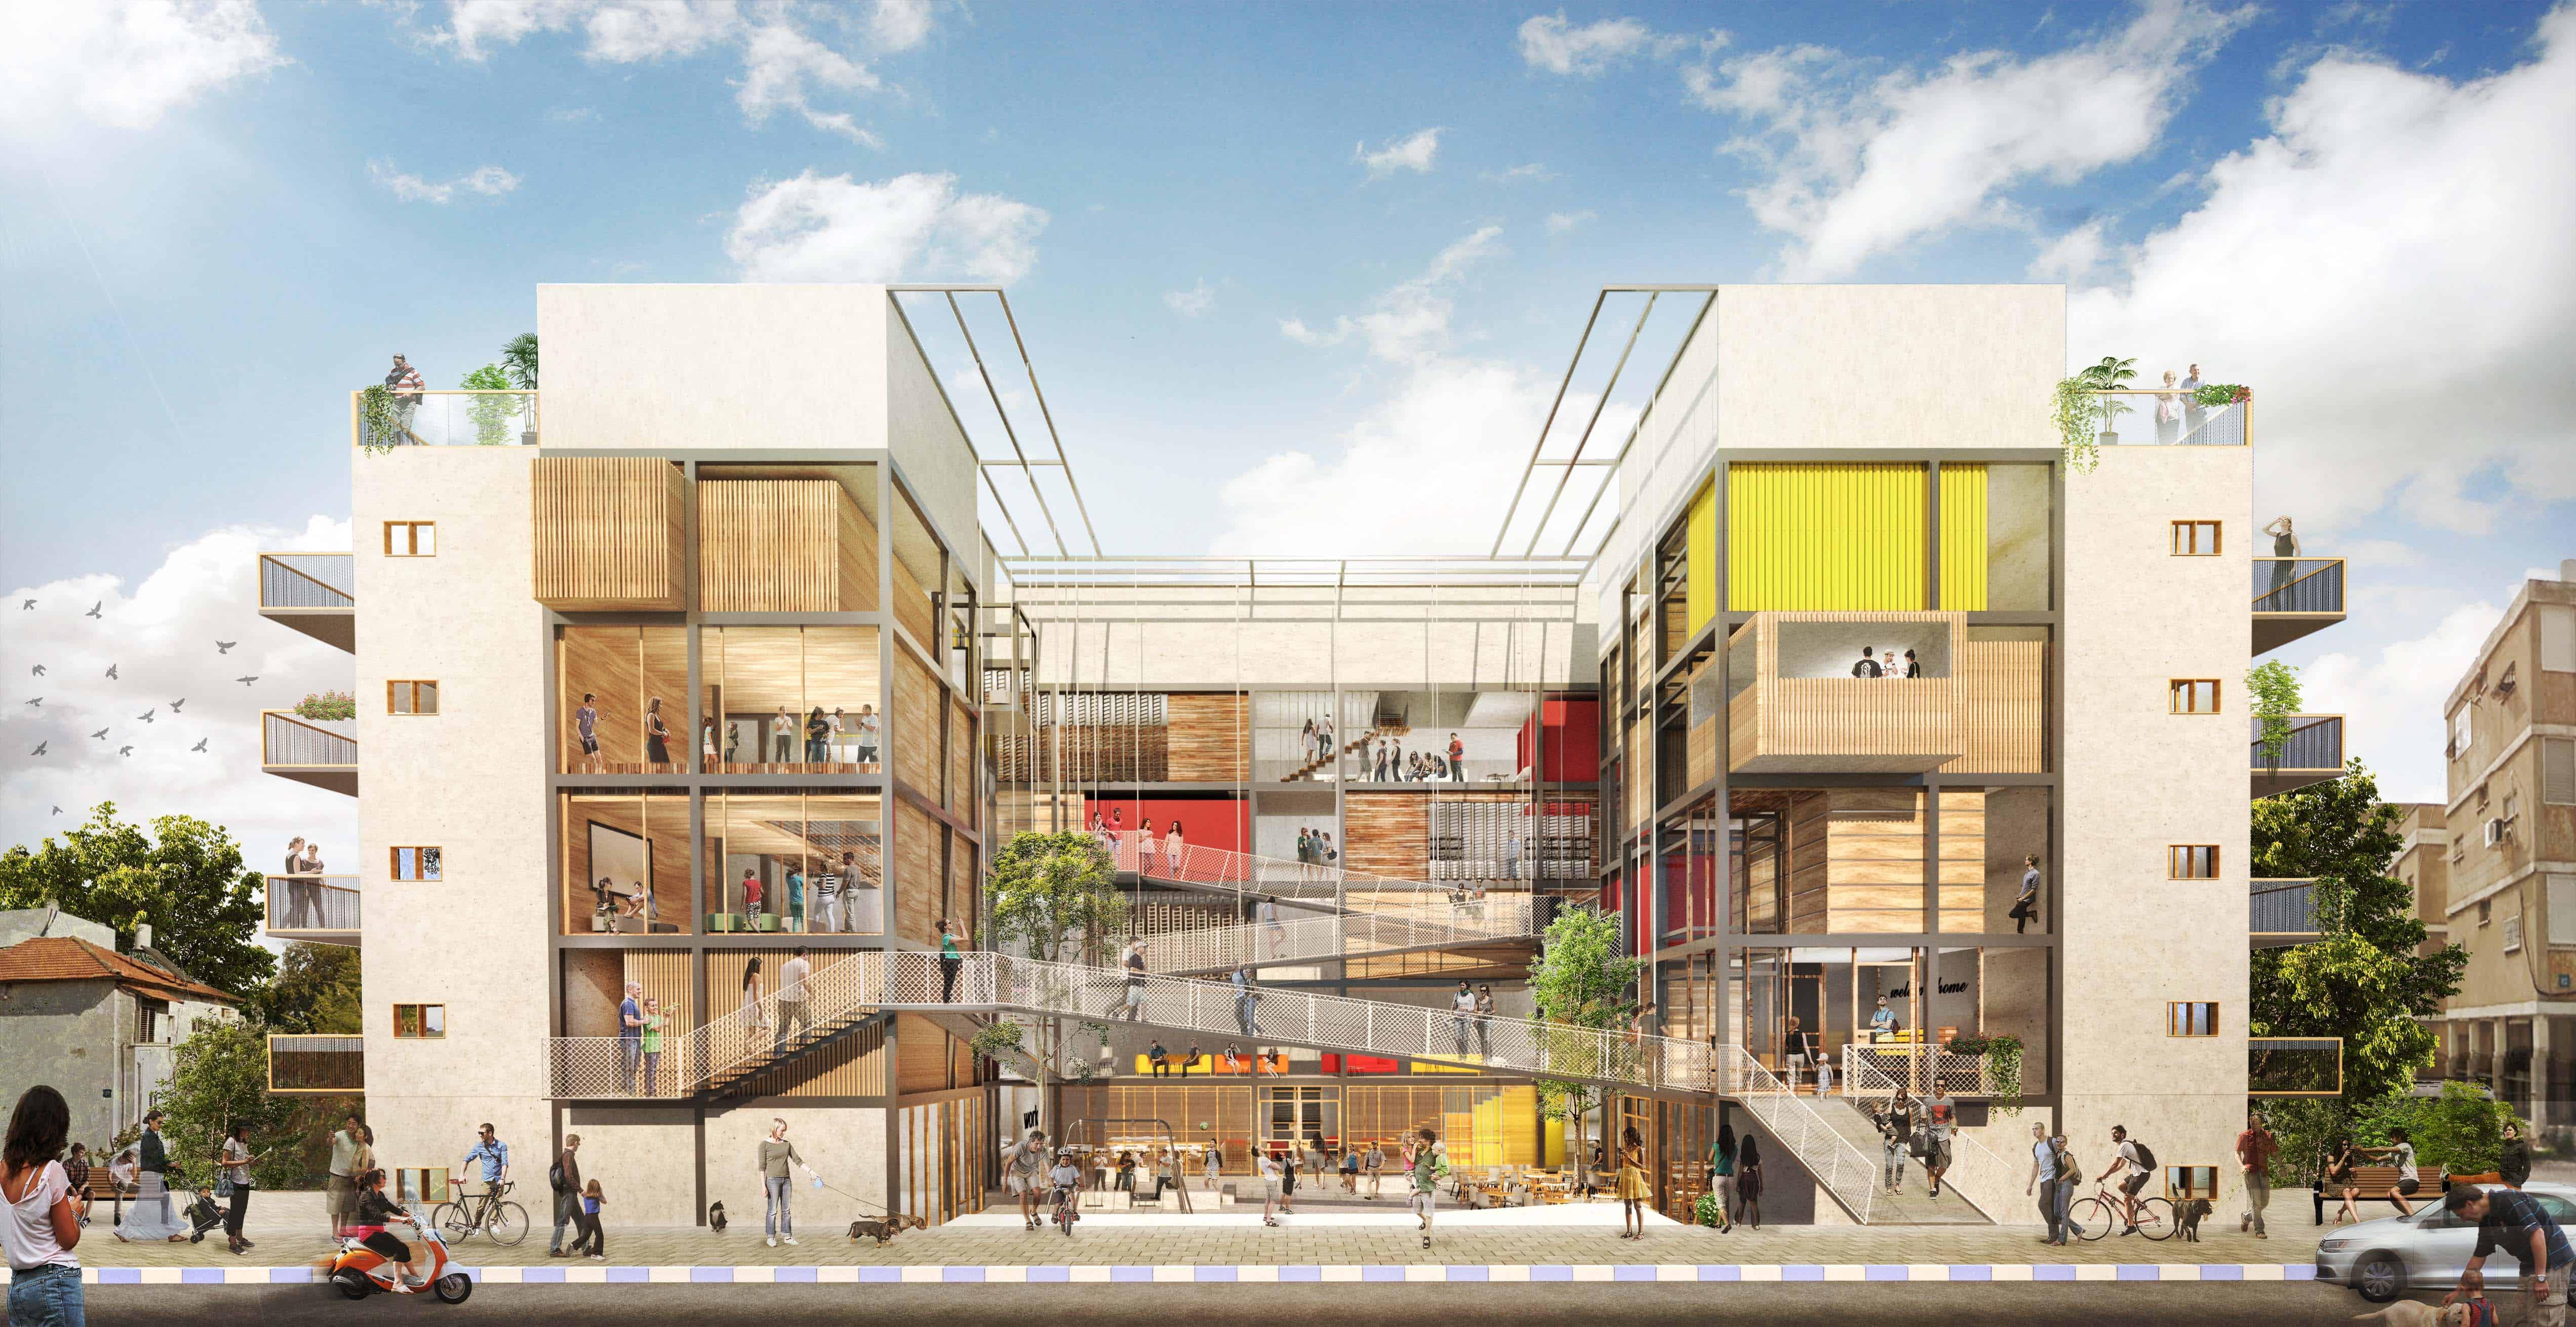 אורן פרל - בניין מגורים שיתופי בשכונת שפירא בתל אביב